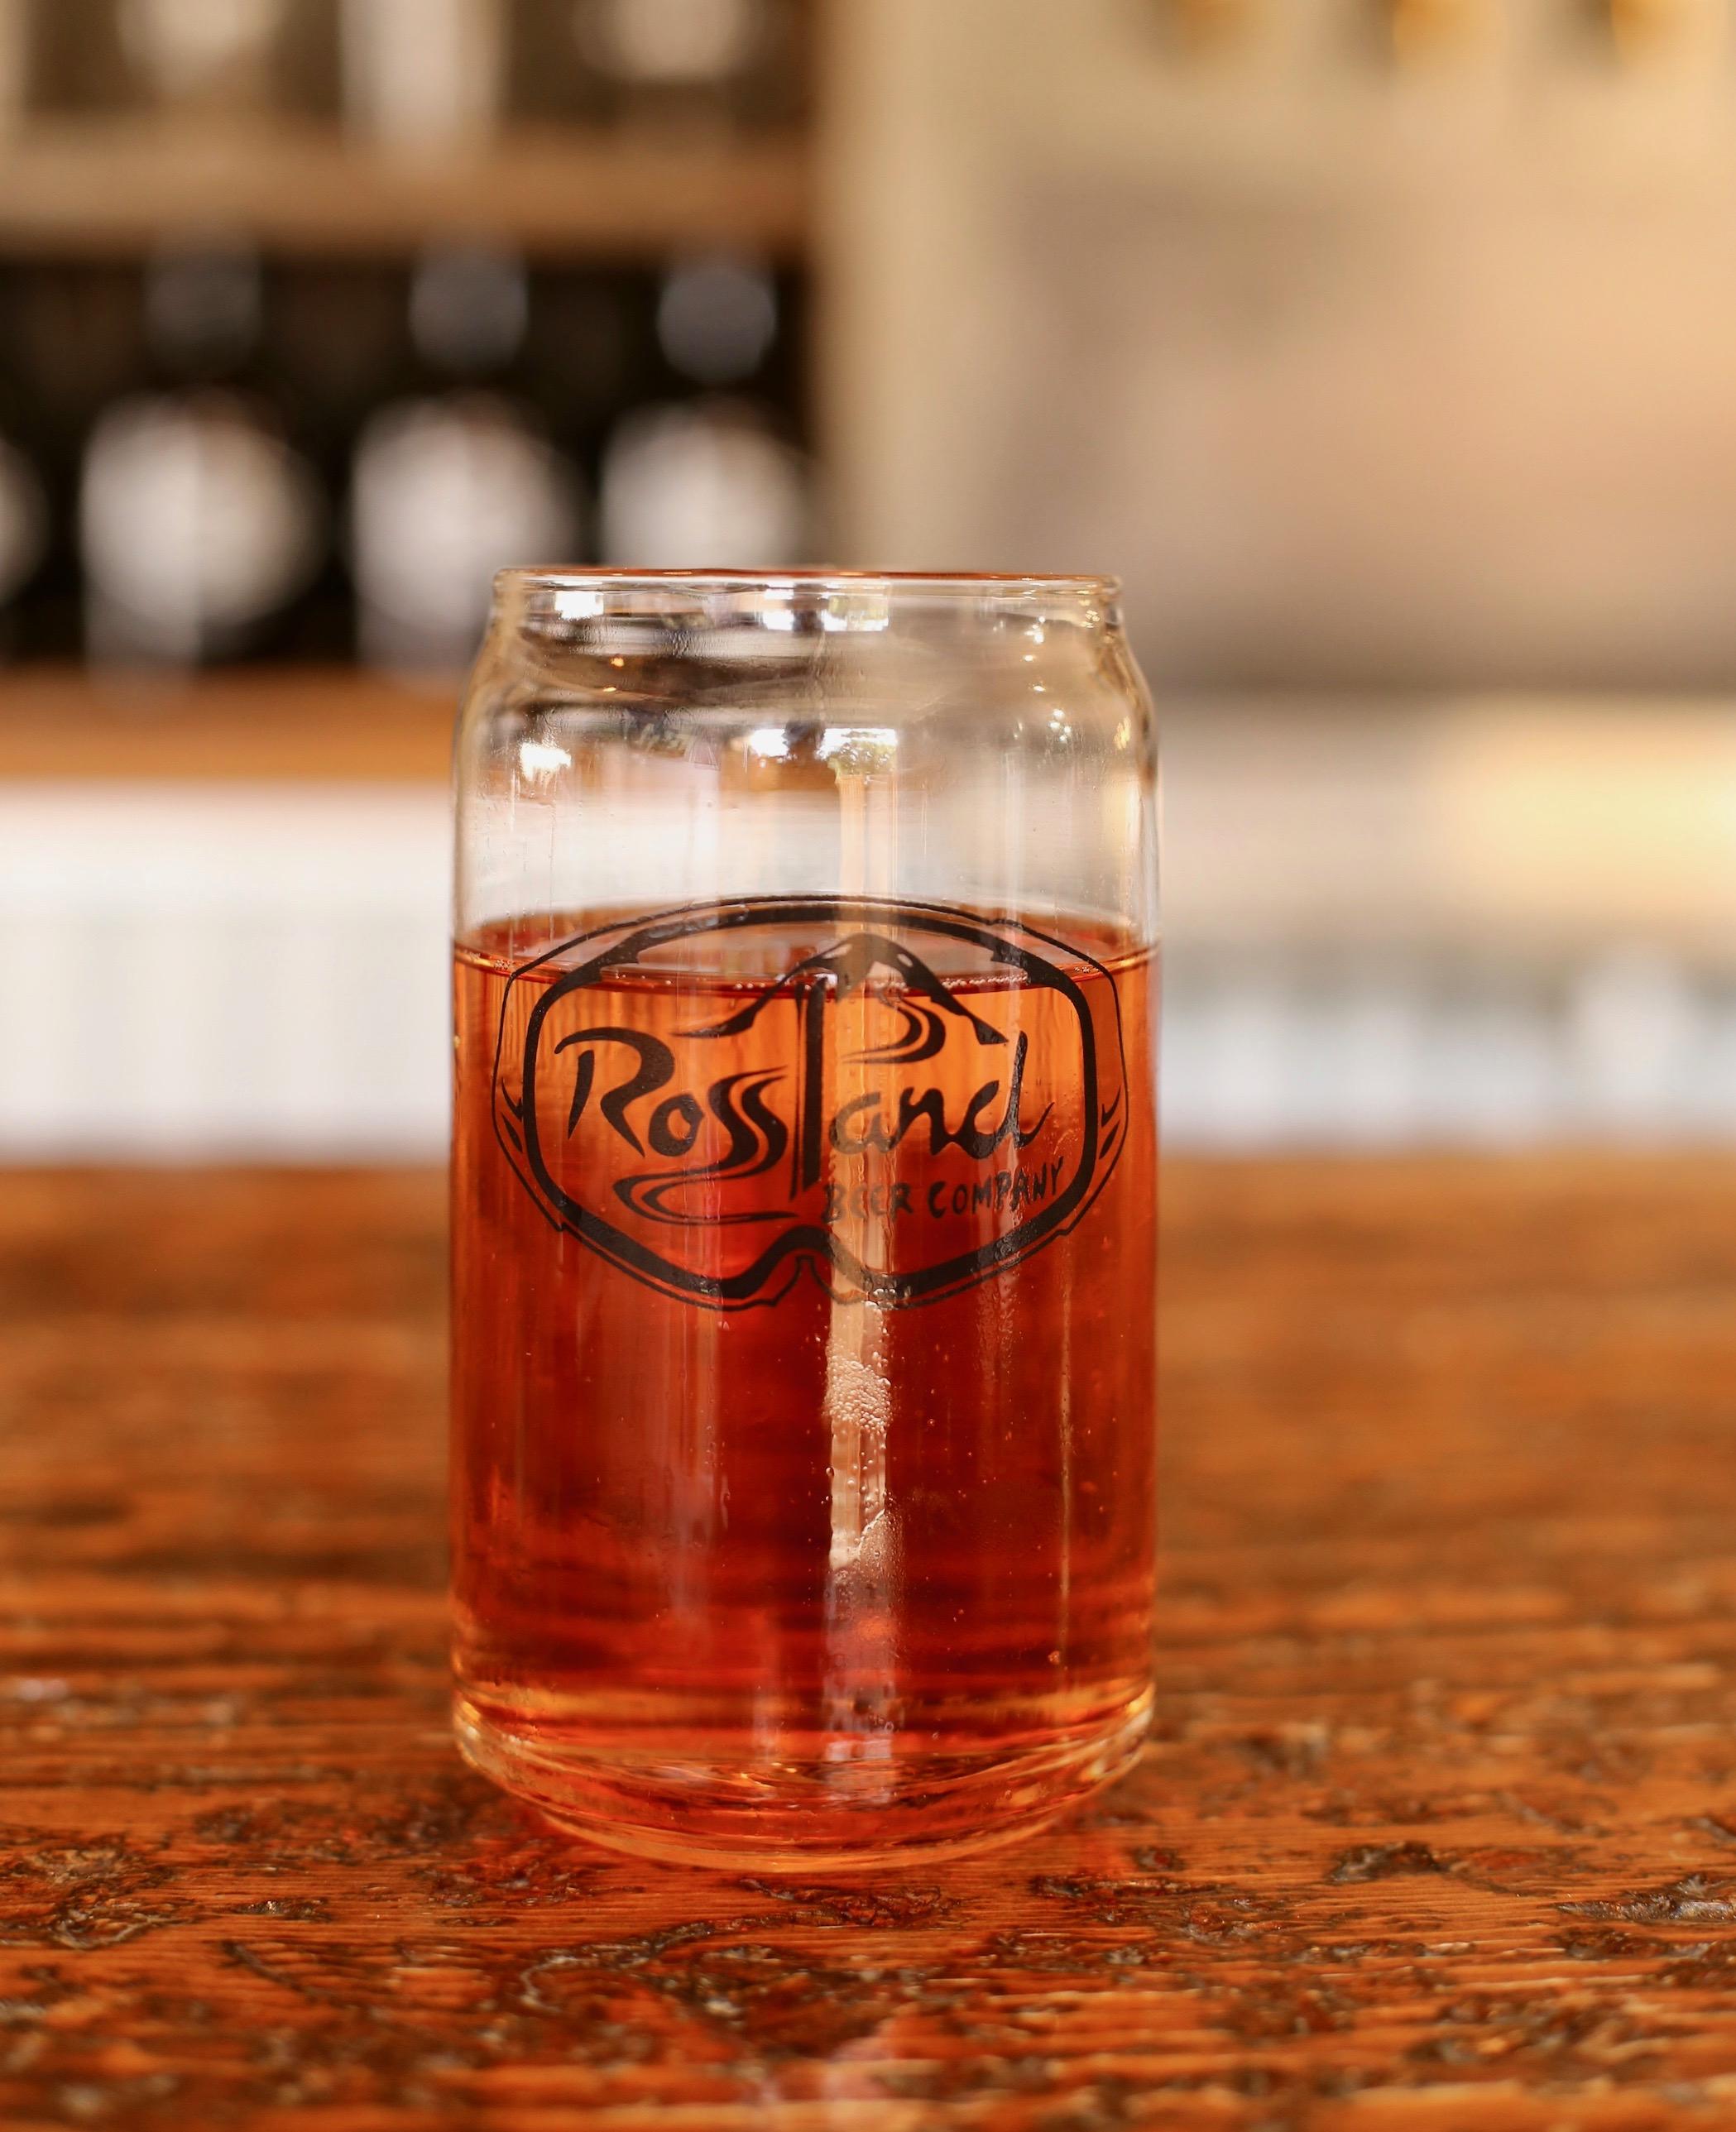 rossland beer co wards cider